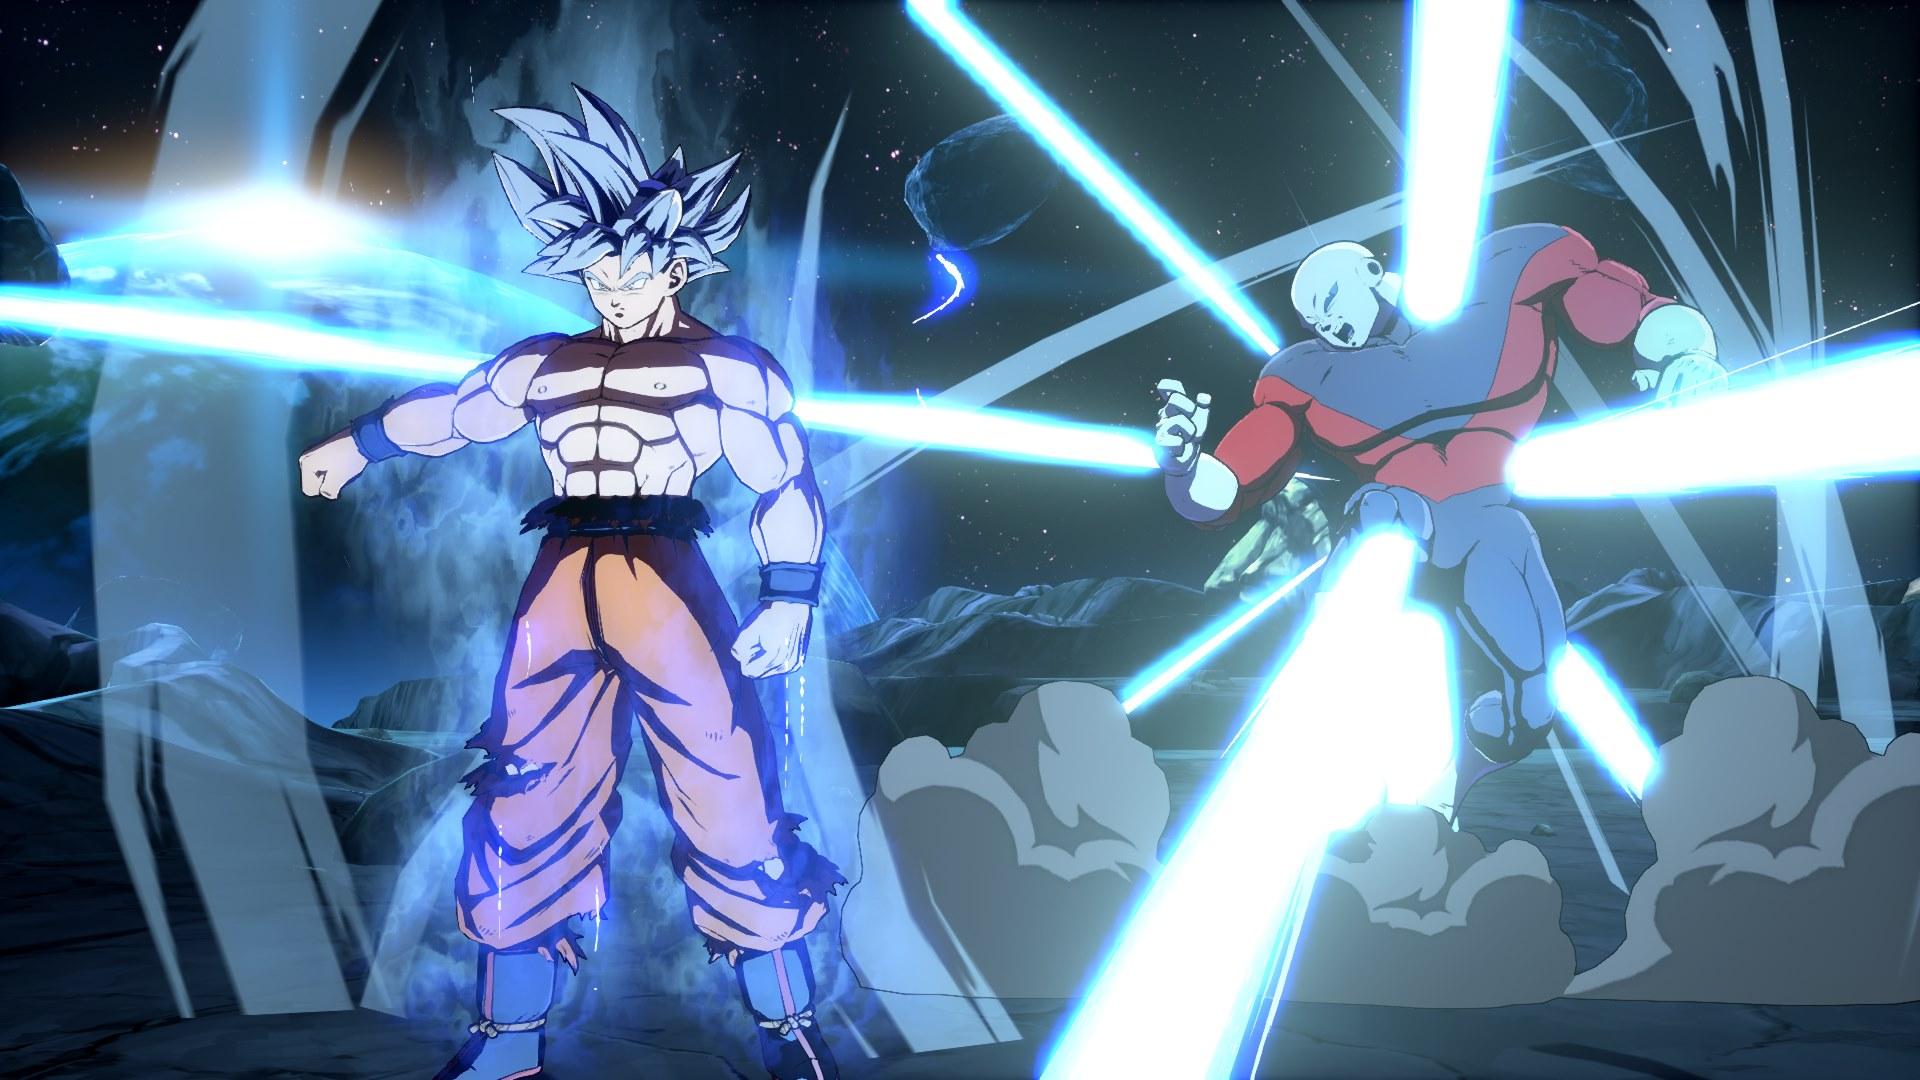 Se confirmó el arribo de Goku Ultra Instinto a Dragon Ball Fighter Z y lo presentan con un tráiler